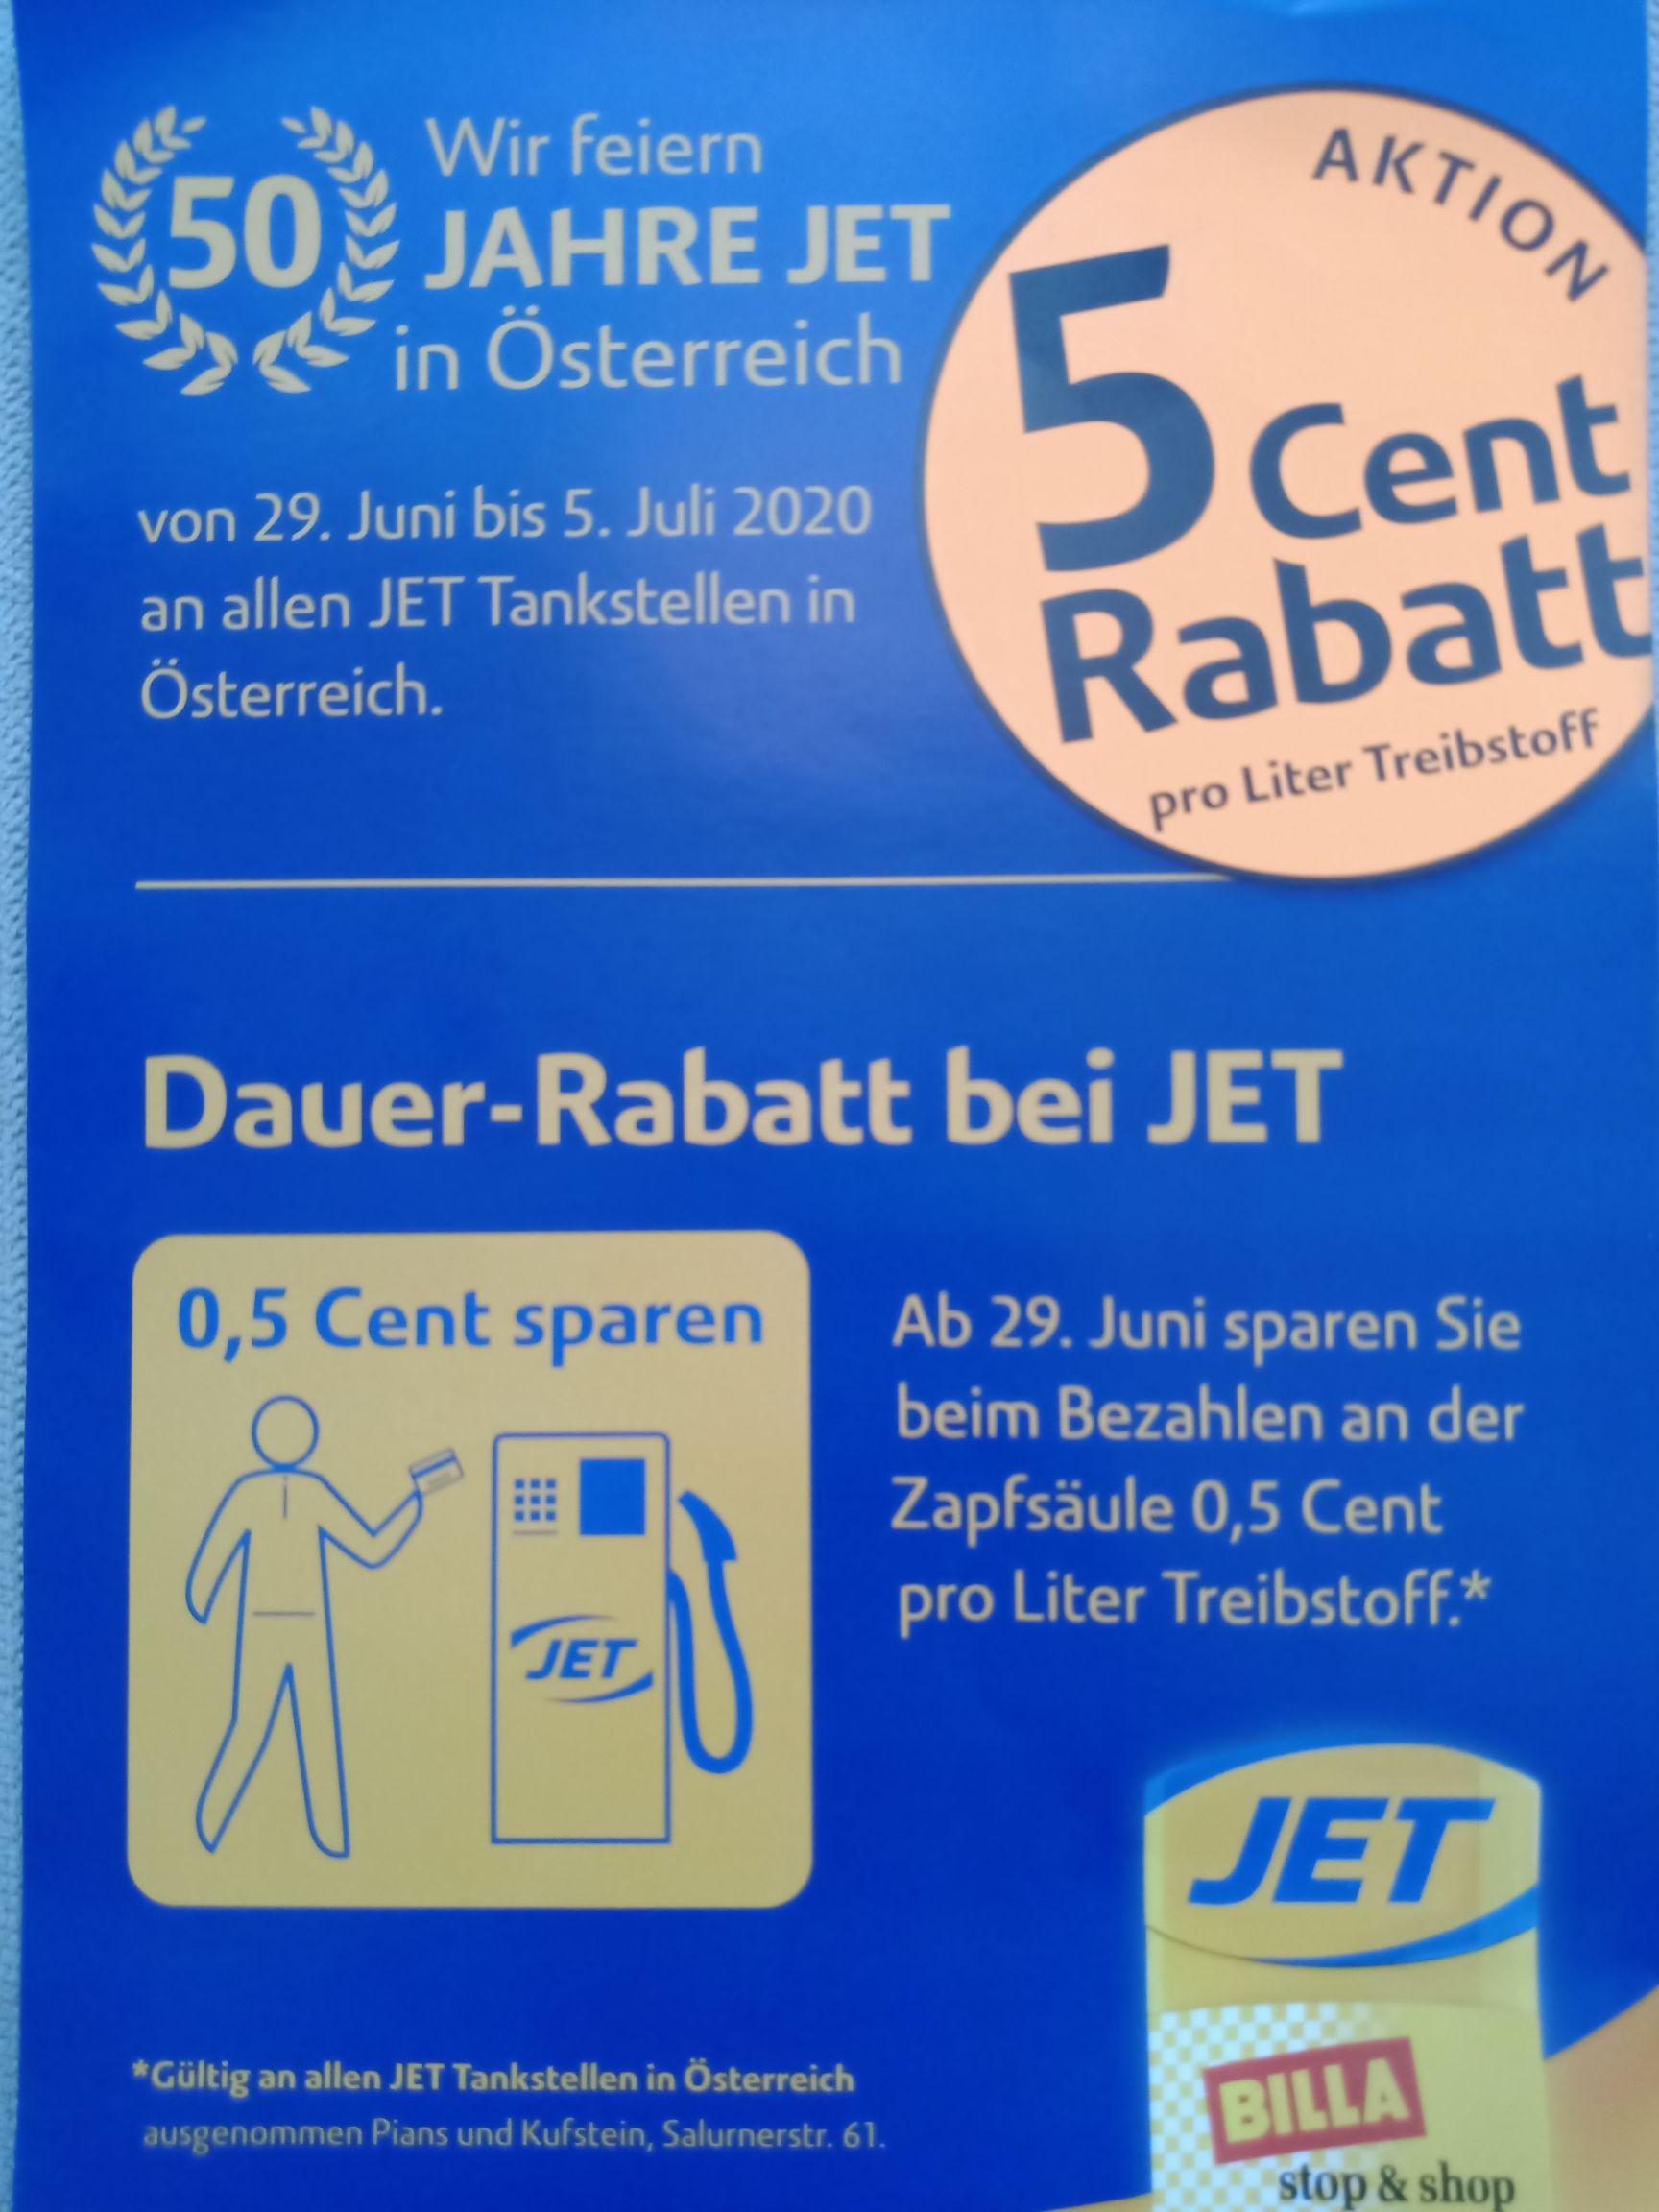 JET: Treibstoffe um 5 Cent günstiger von 29.Juni - 5.Juli / dauerhaft ab 29.Juni: -0,5 Cent bei Zahlung an Zapfsäule